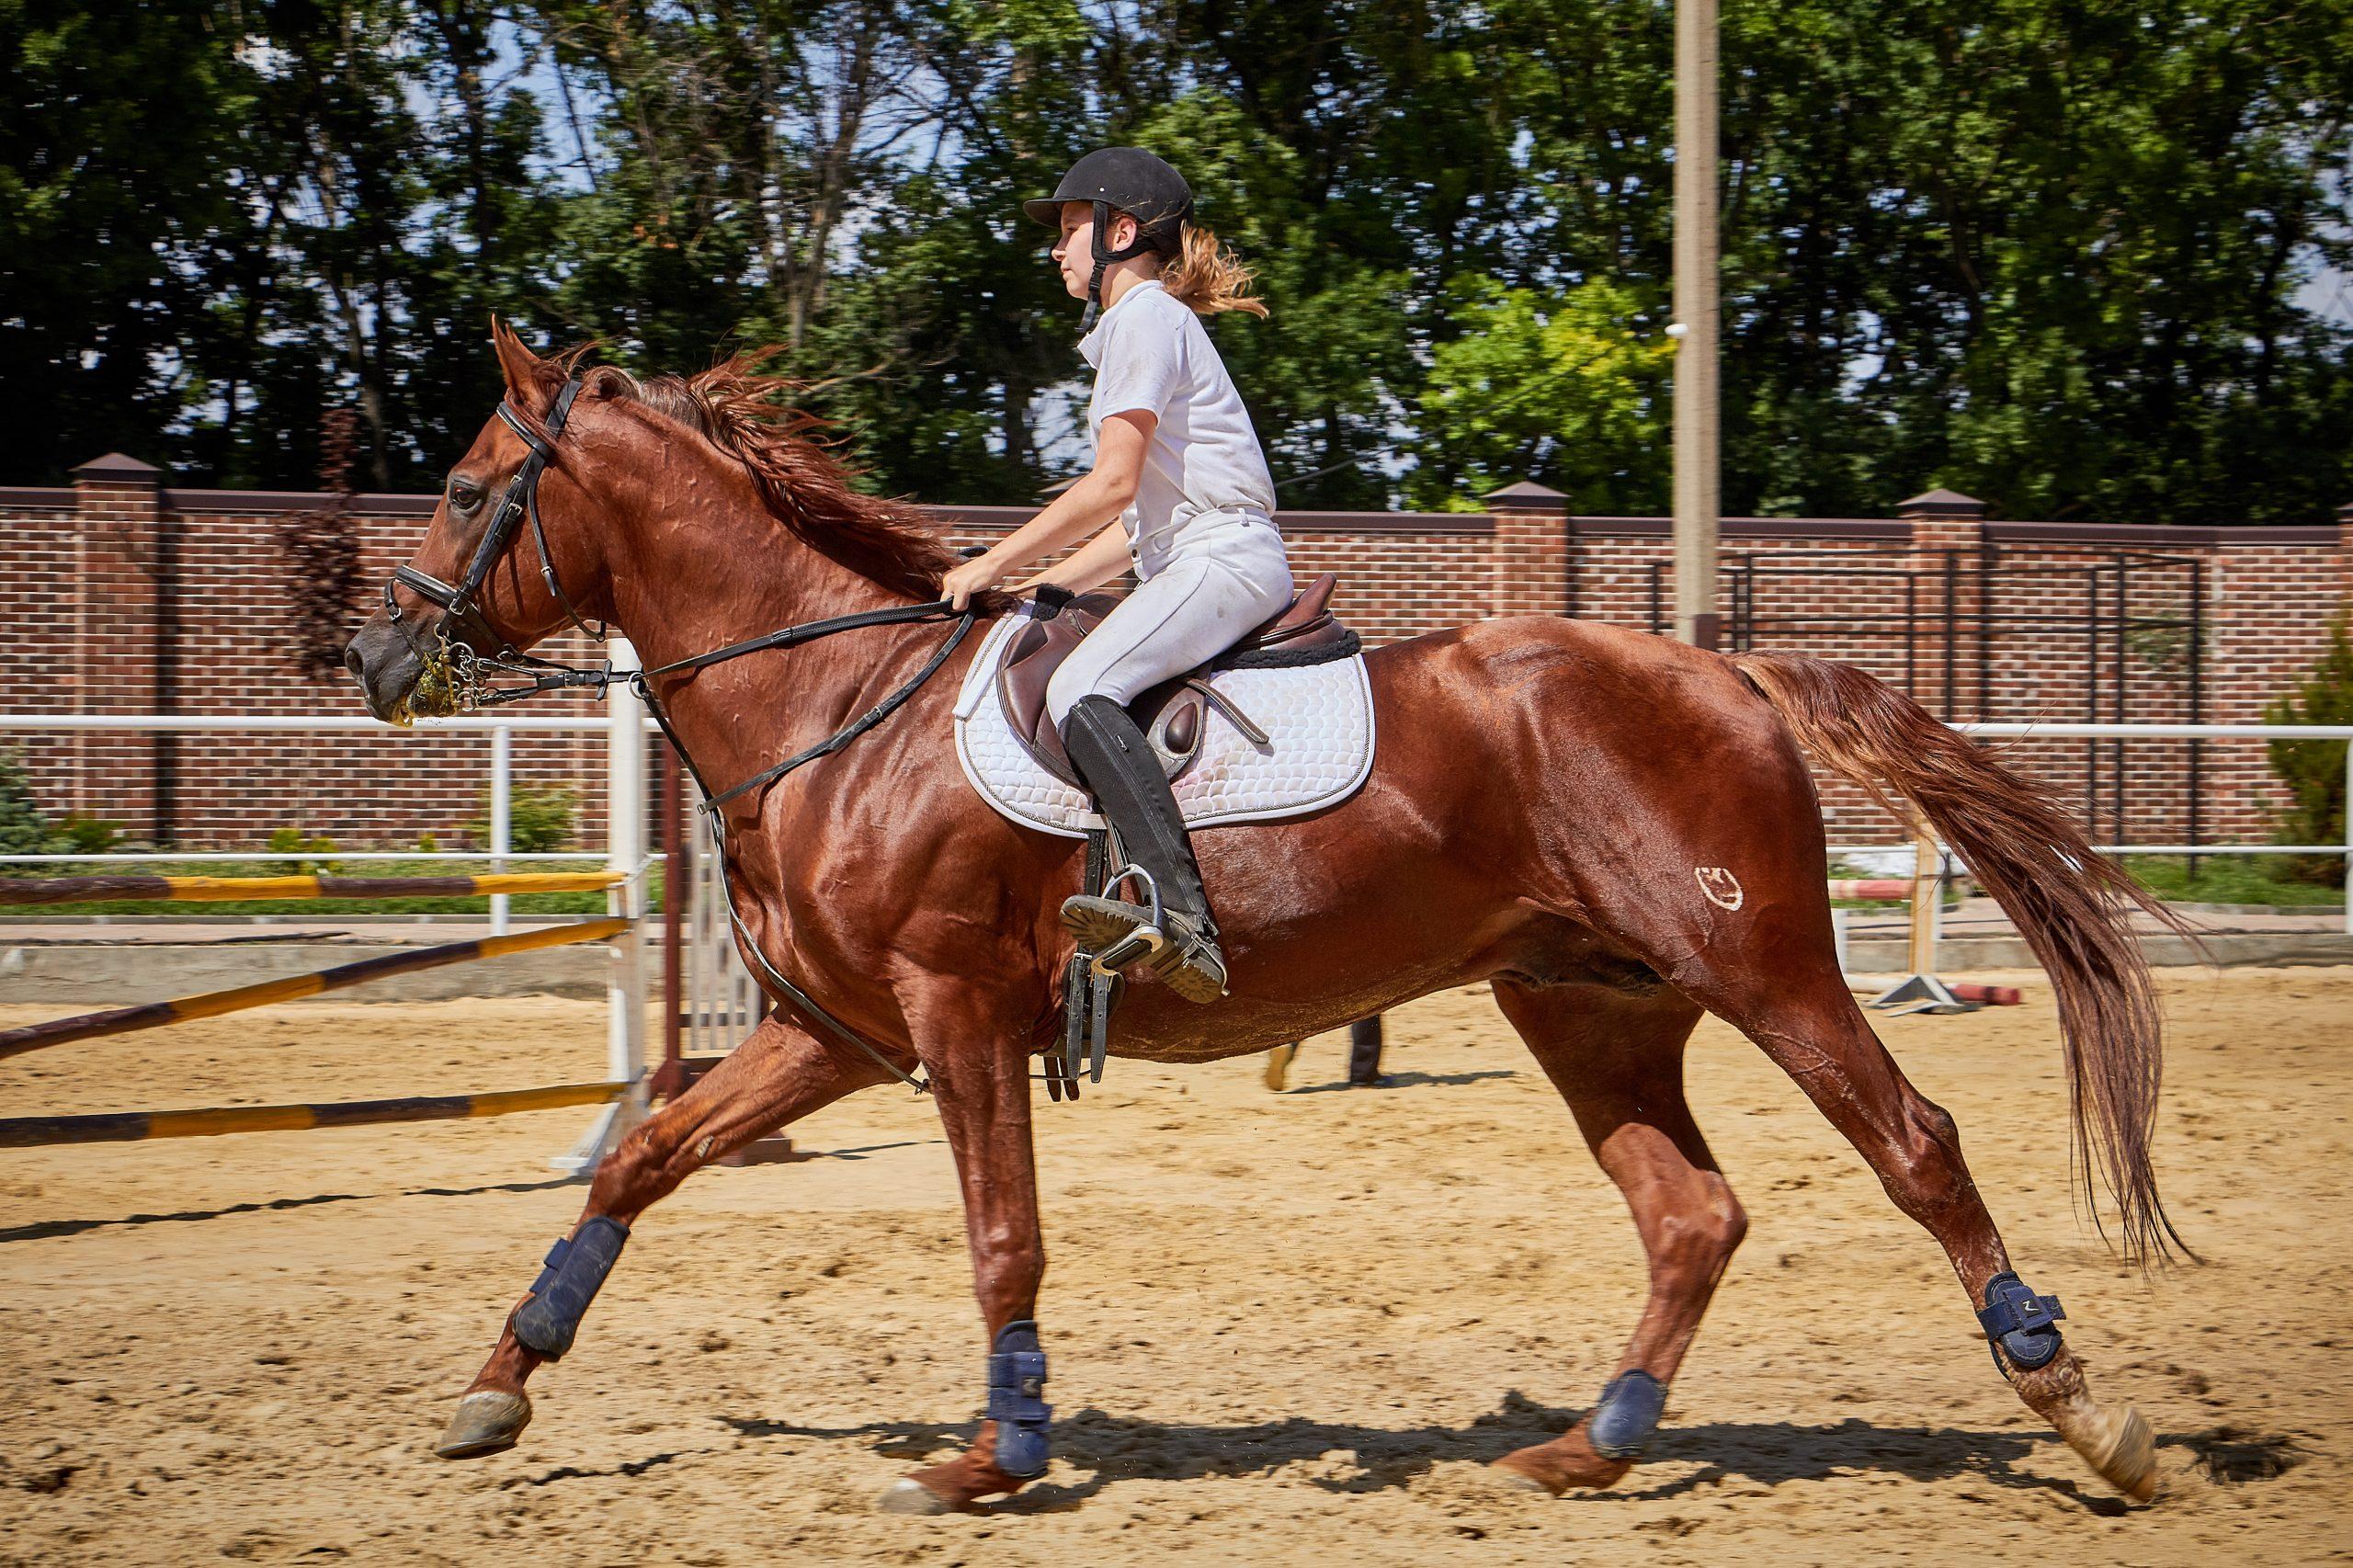 hestedaekken